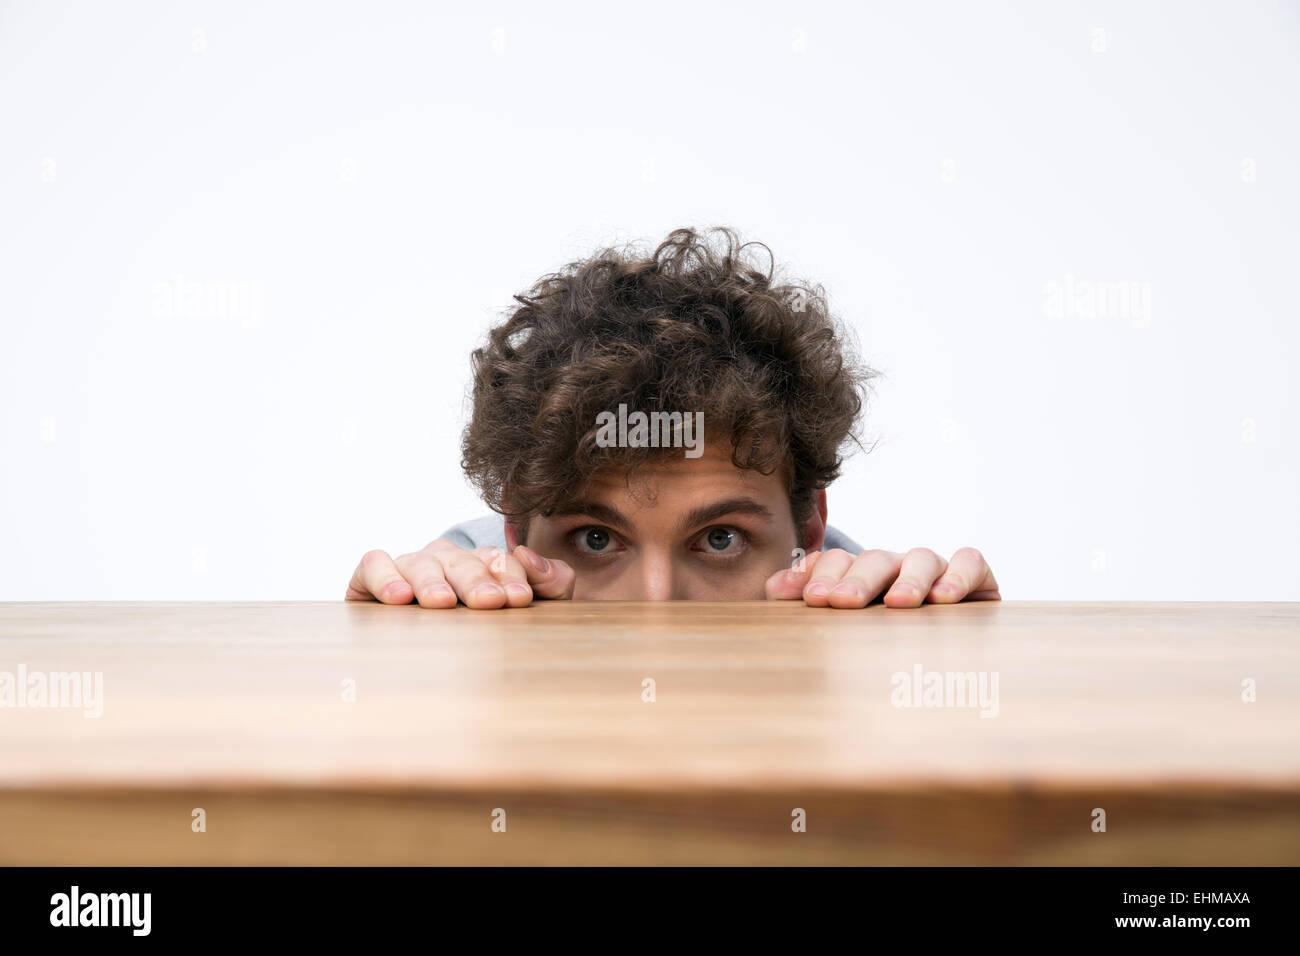 Joven con el cabello rizado de mirar detrás del mostrador de recepción Imagen De Stock